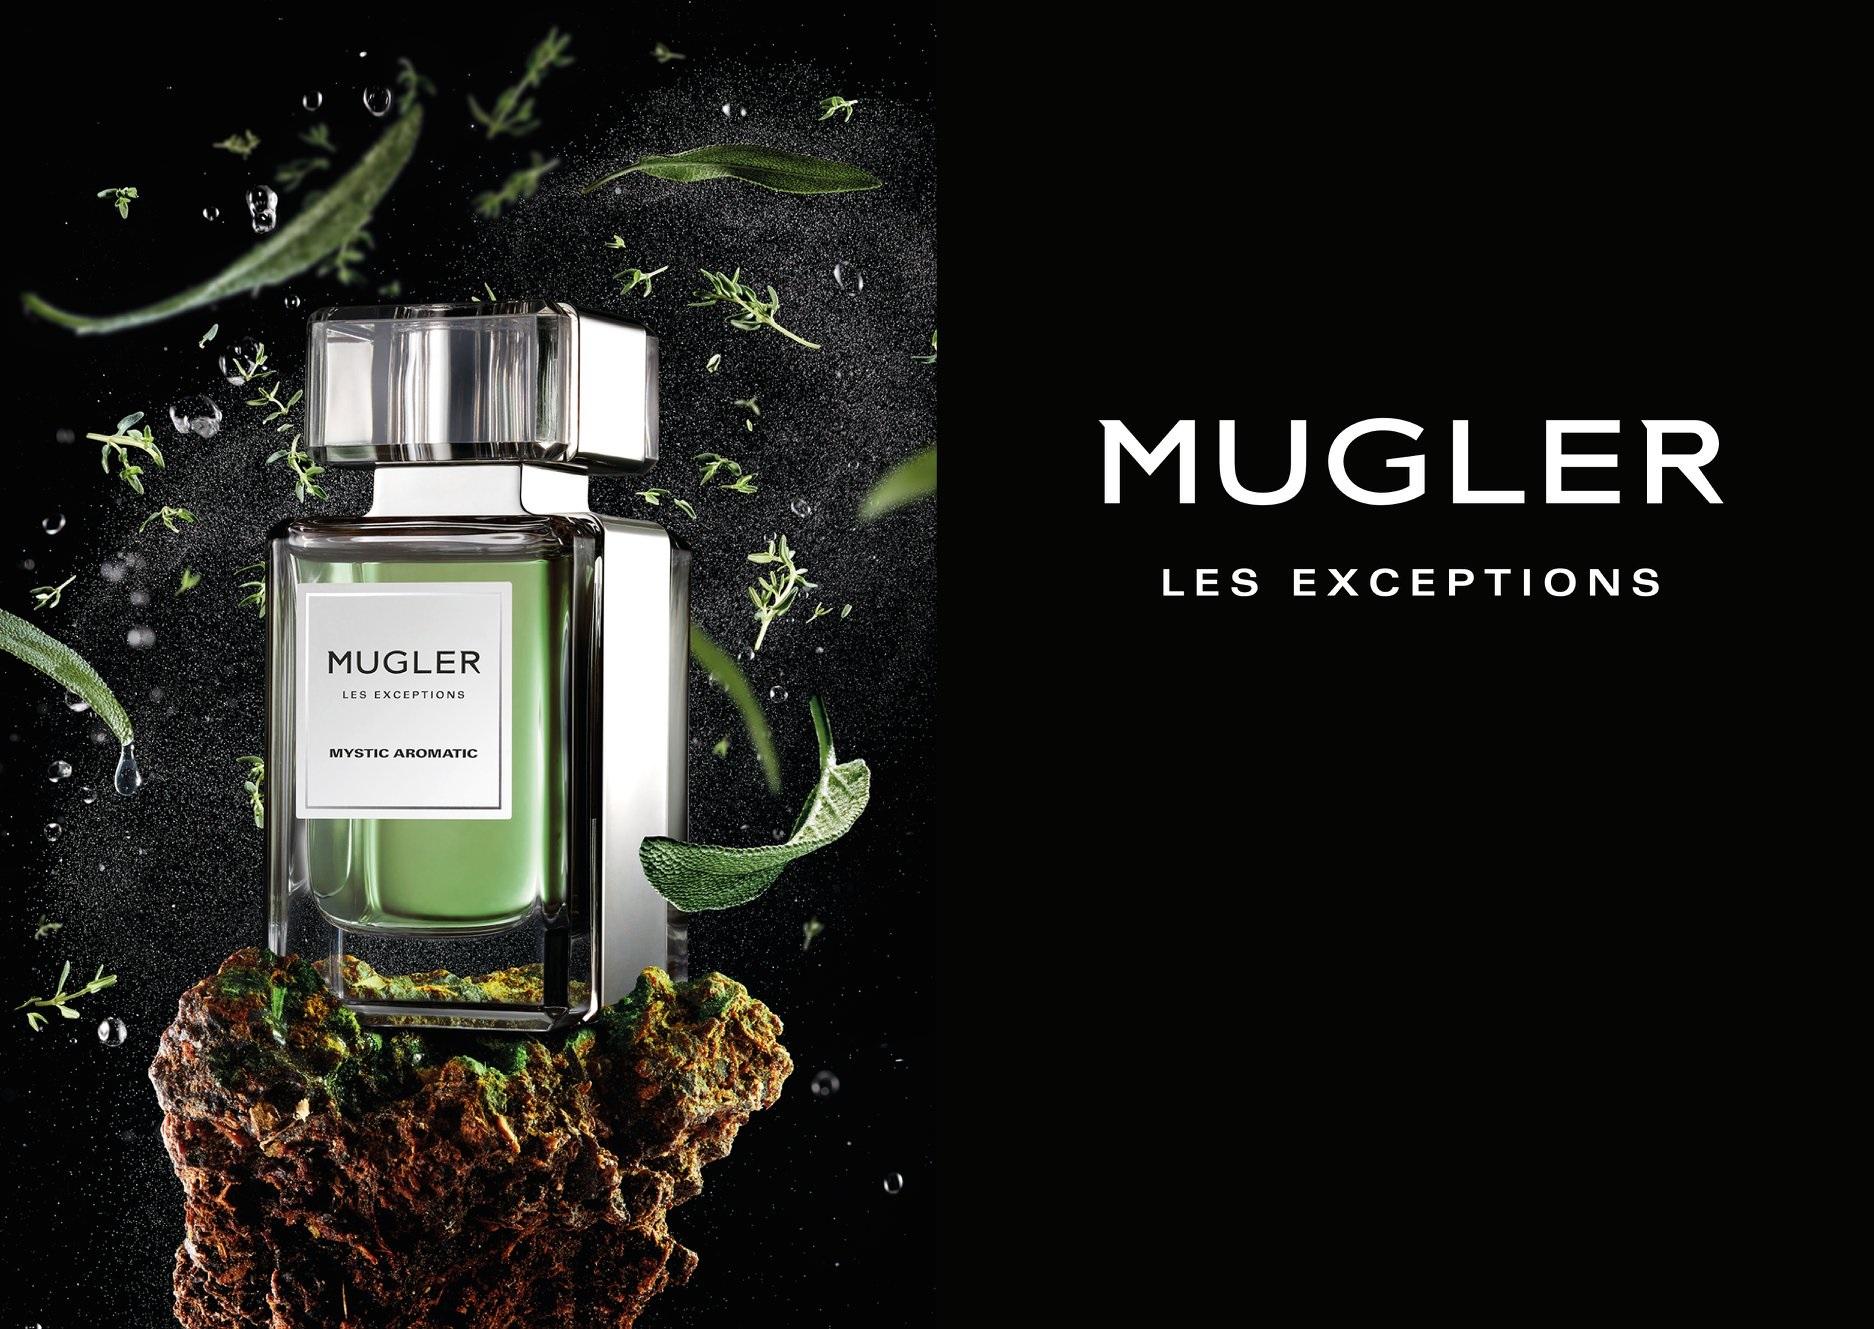 Mystic Pour Mugler Parfum Un Homme Et Aromatic Nouveau pMVzSUq